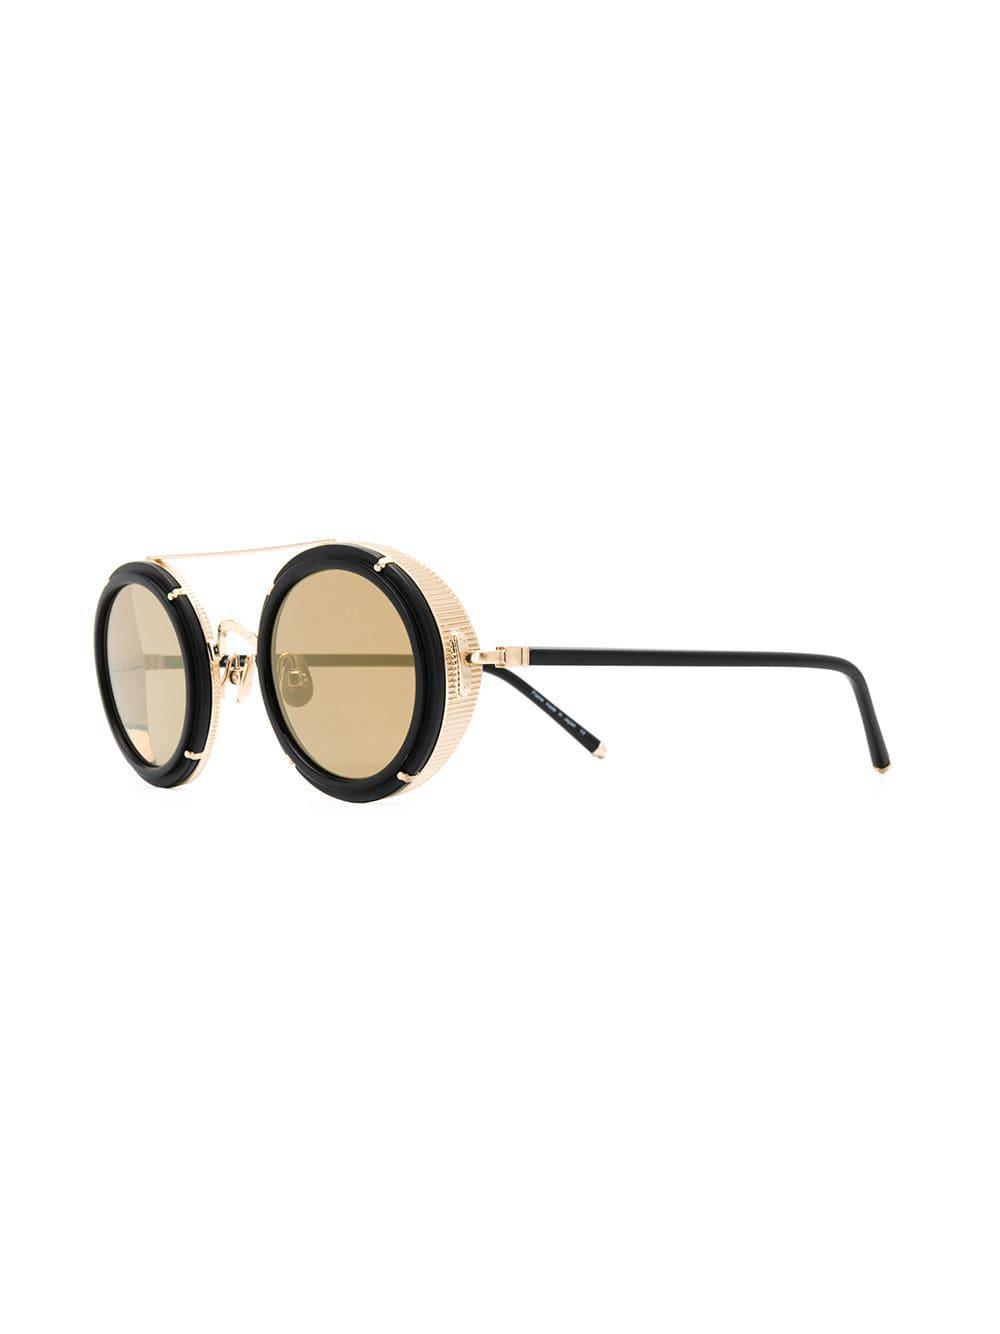 4561c87b51 Gafas de sol redondas Matsuda de color Marrón - Lyst